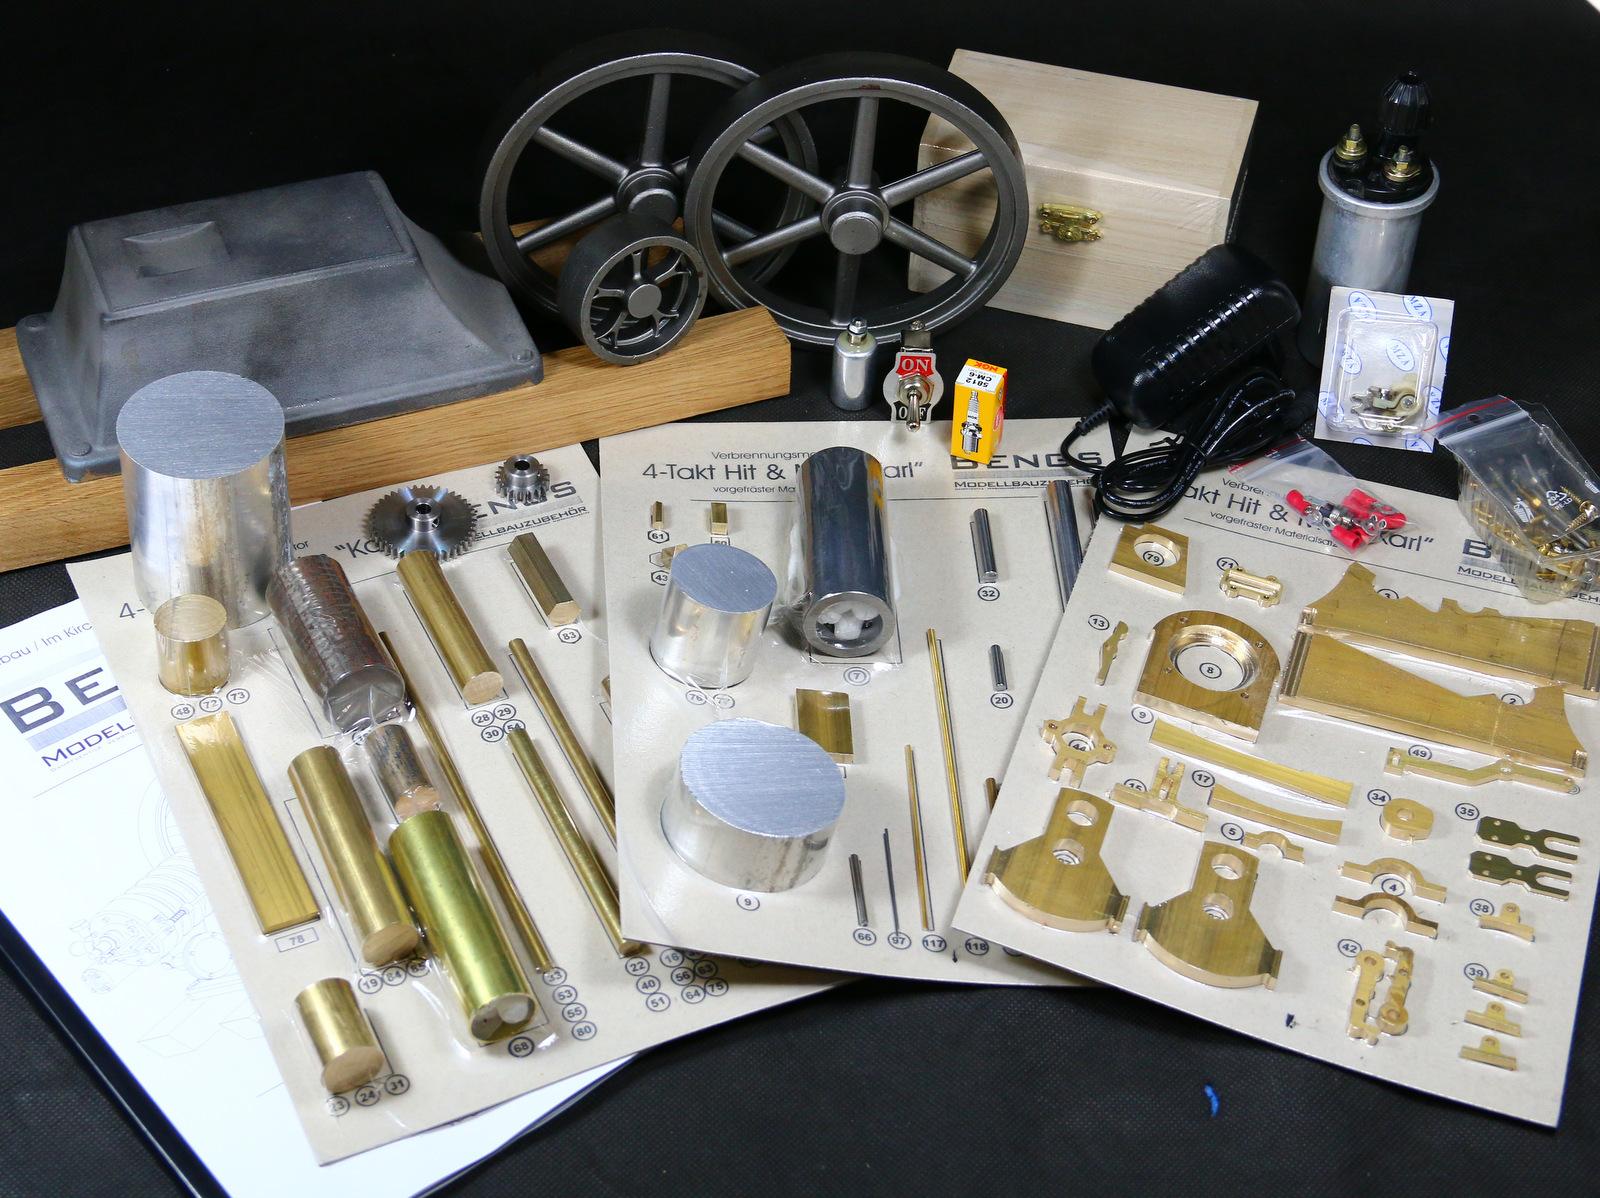 Verbrennungsmotor-hitt-miss-karl-lieferumfang-2